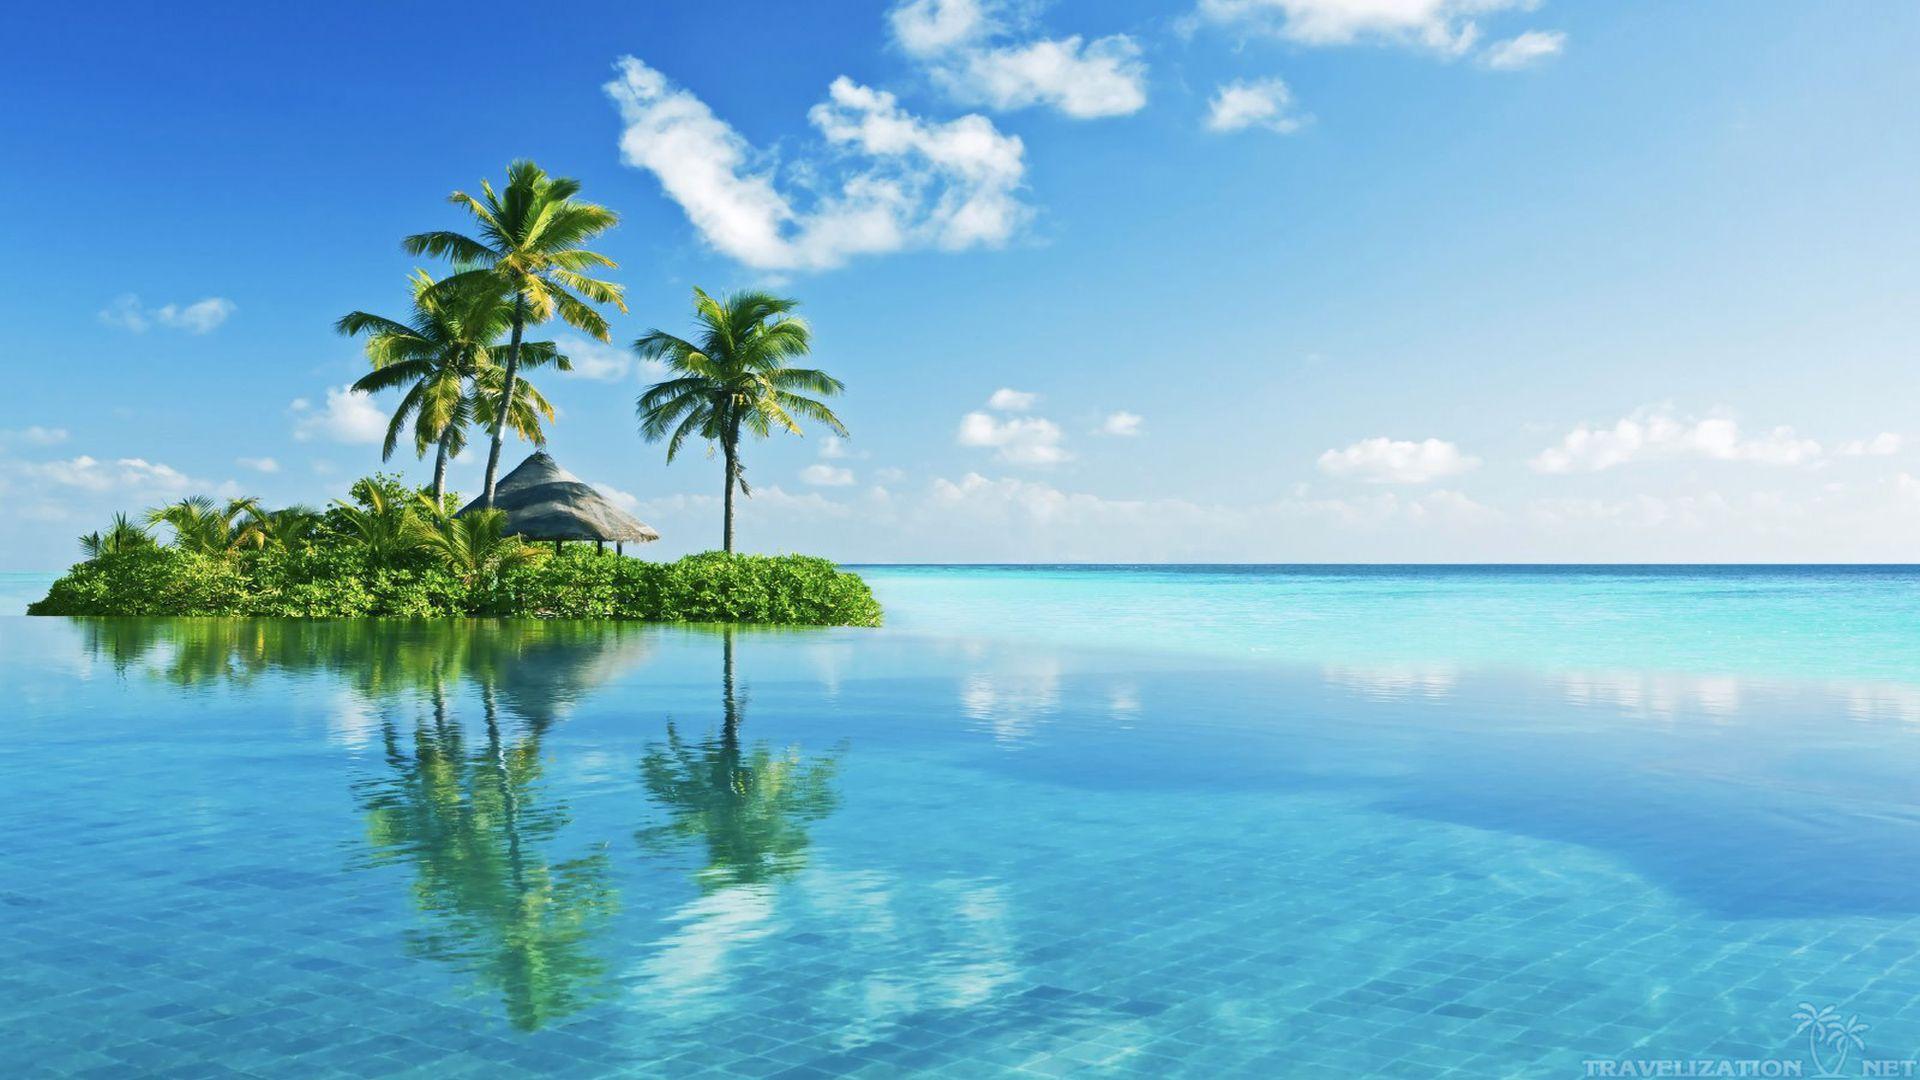 Island Resort For Charming Tropical Resort Sharm El Sheikh